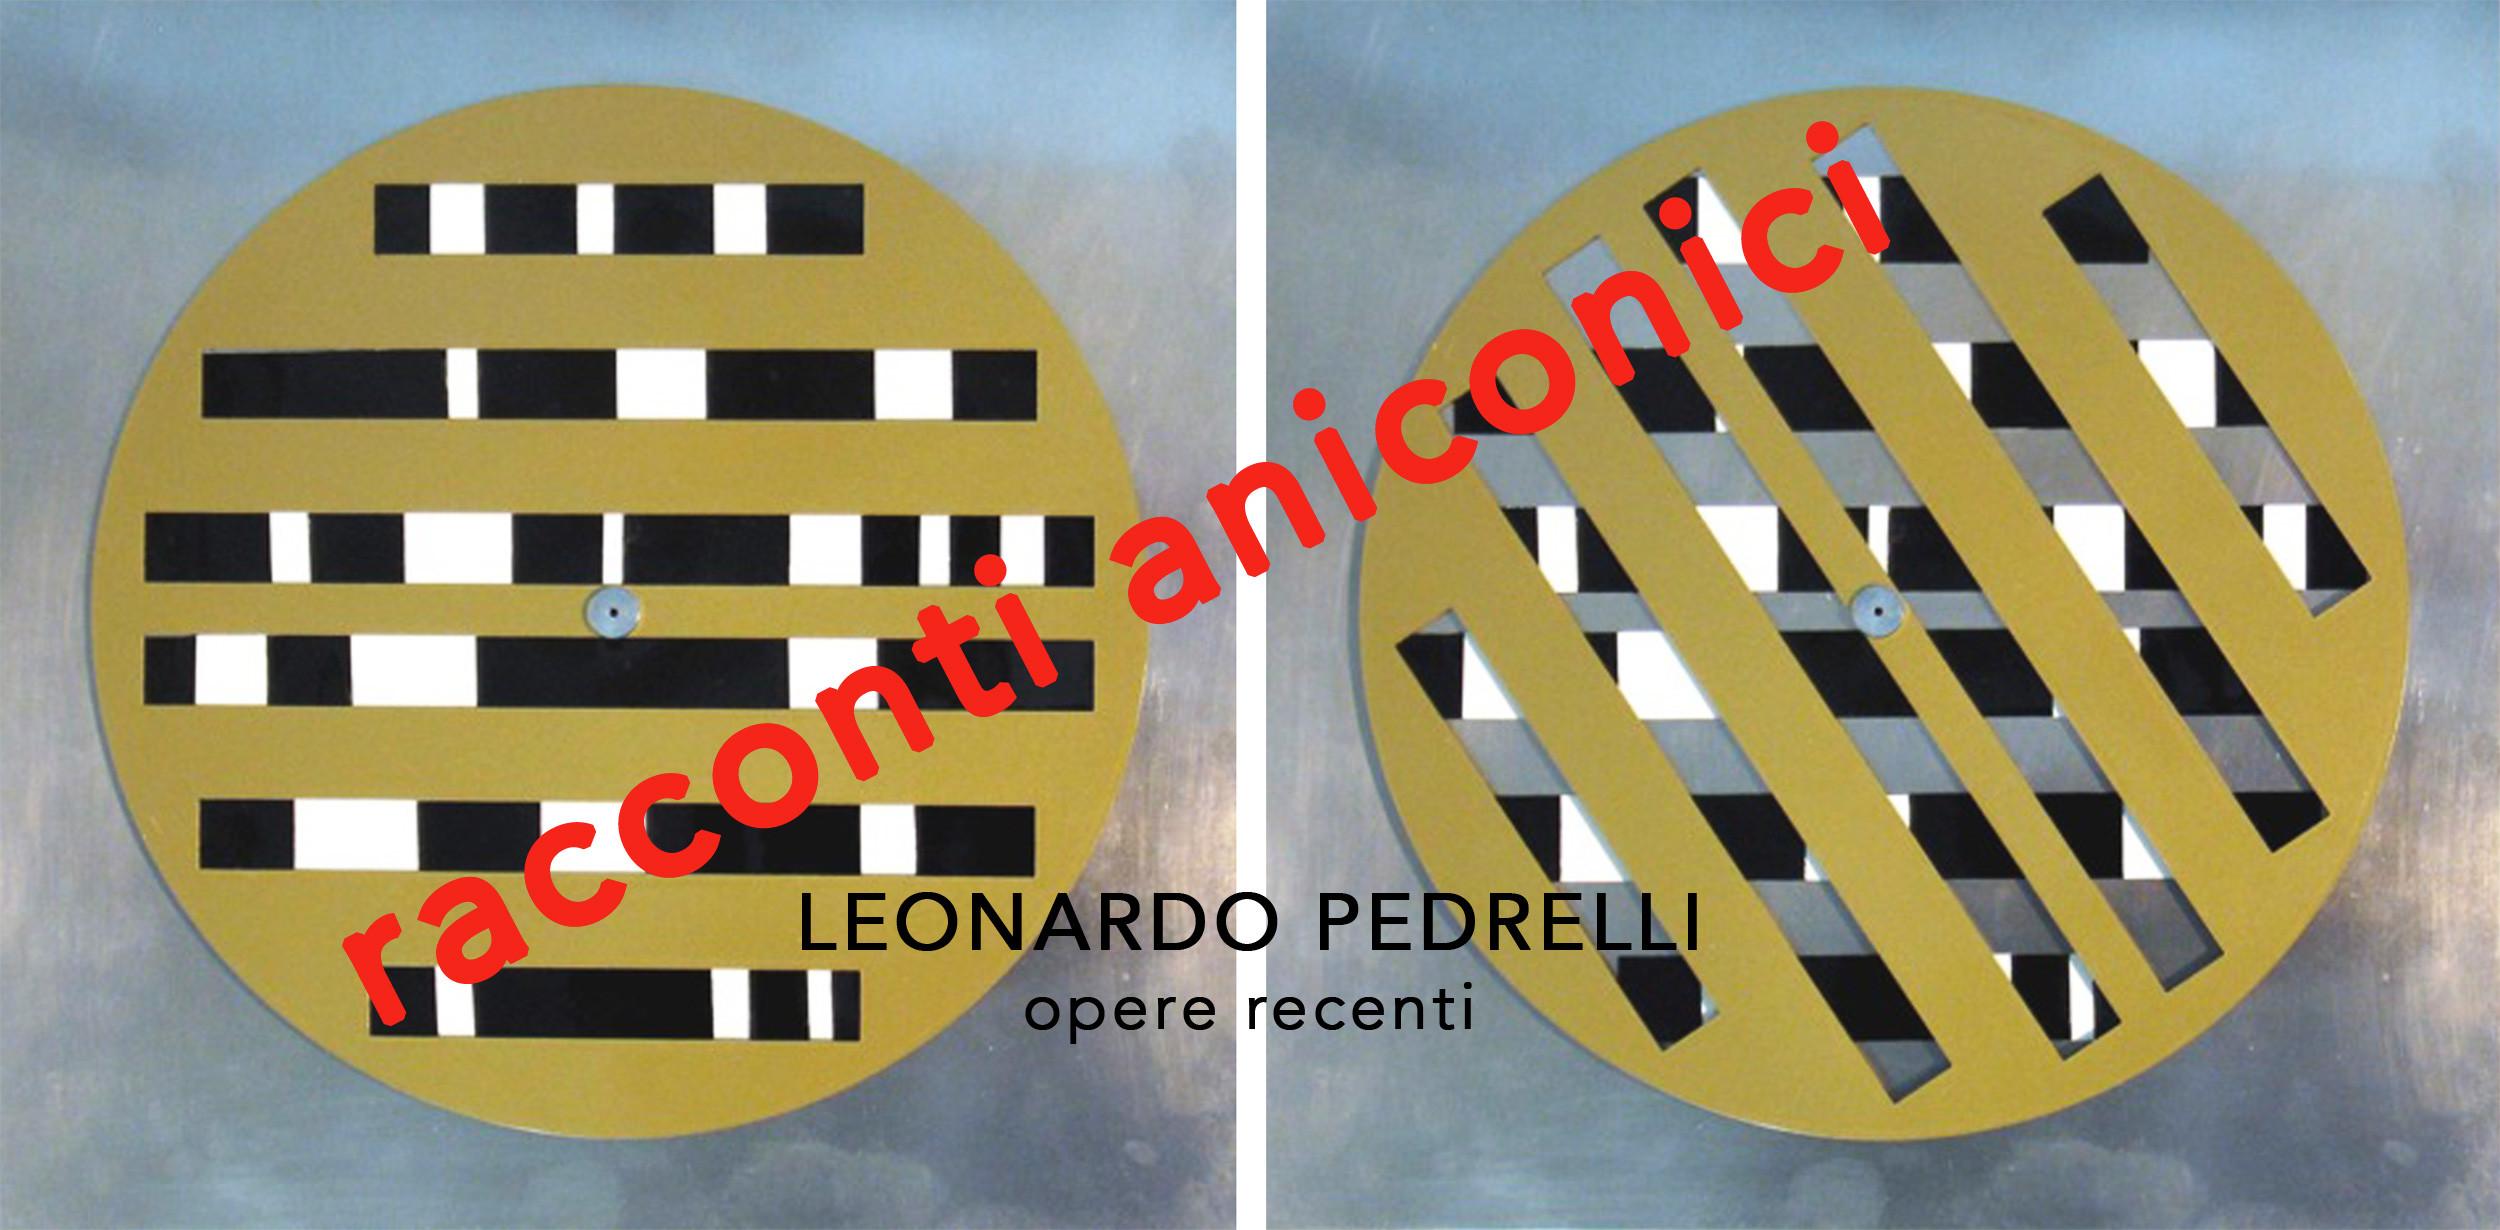 LEONARDO PEDRELLI RACCONTI ANICONICI Personale delle opere recenti